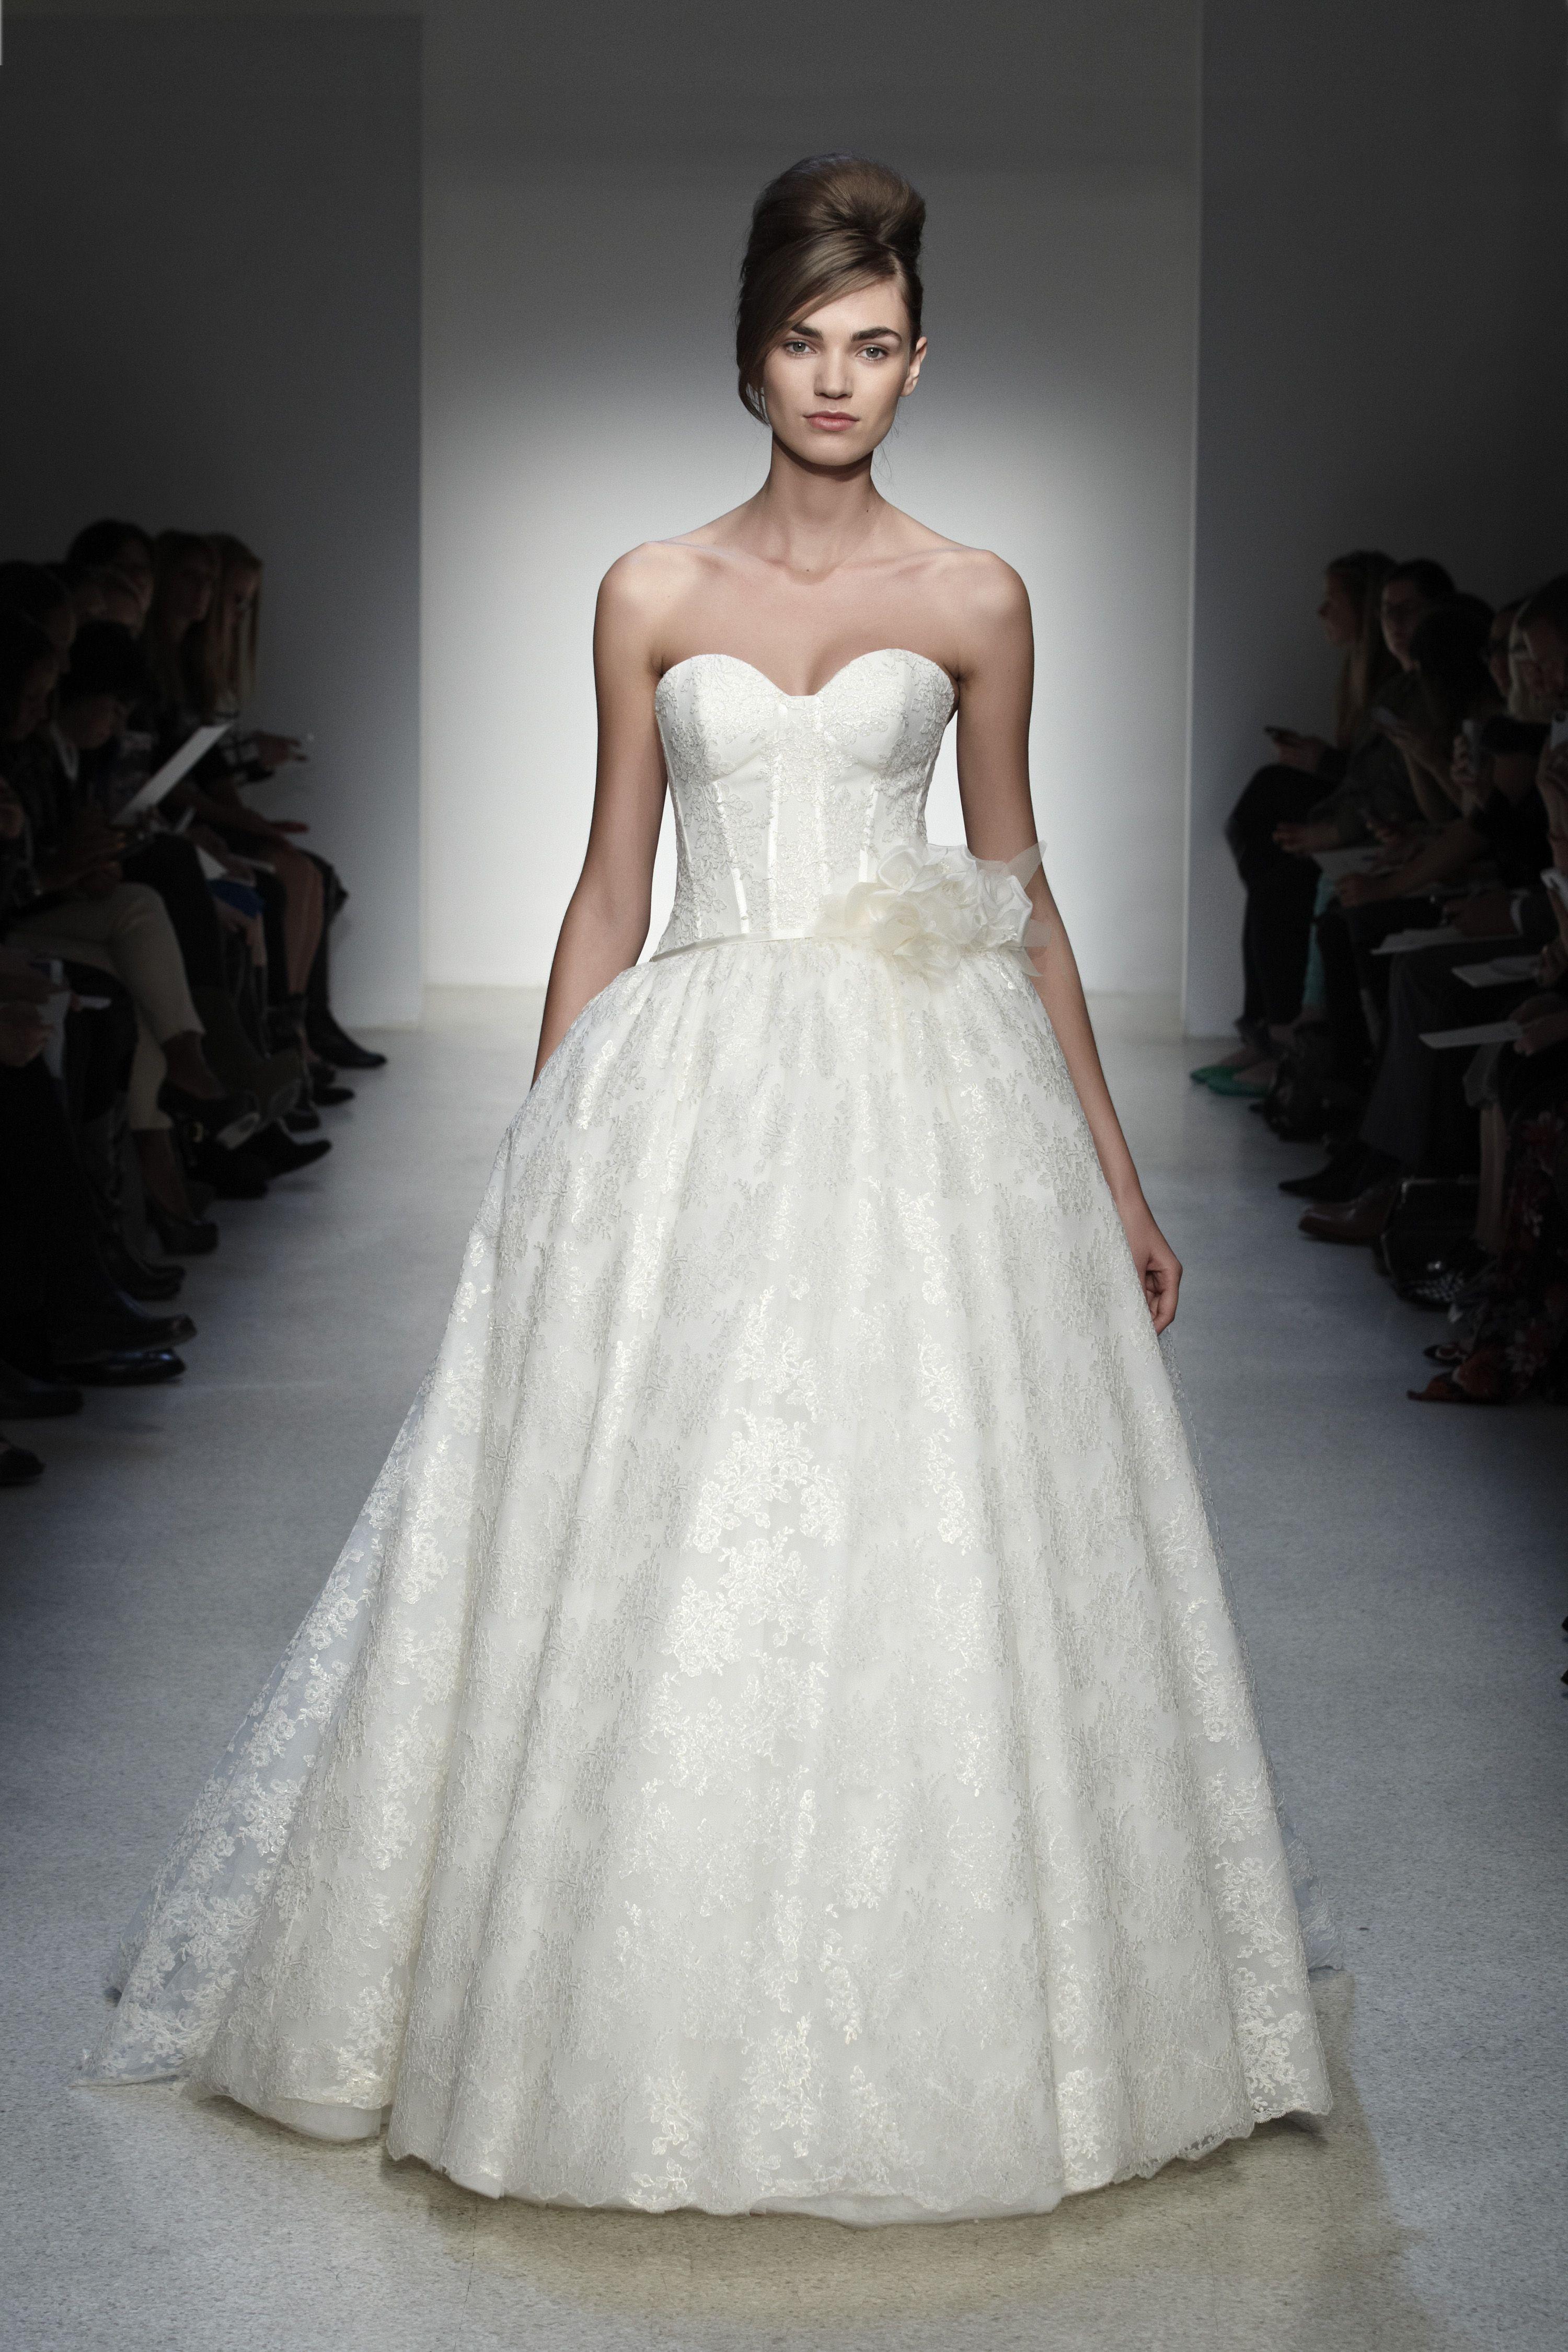 Fein Brautkleid Aus Zweiter Hand Uk Galerie - Hochzeit Kleid Stile ...